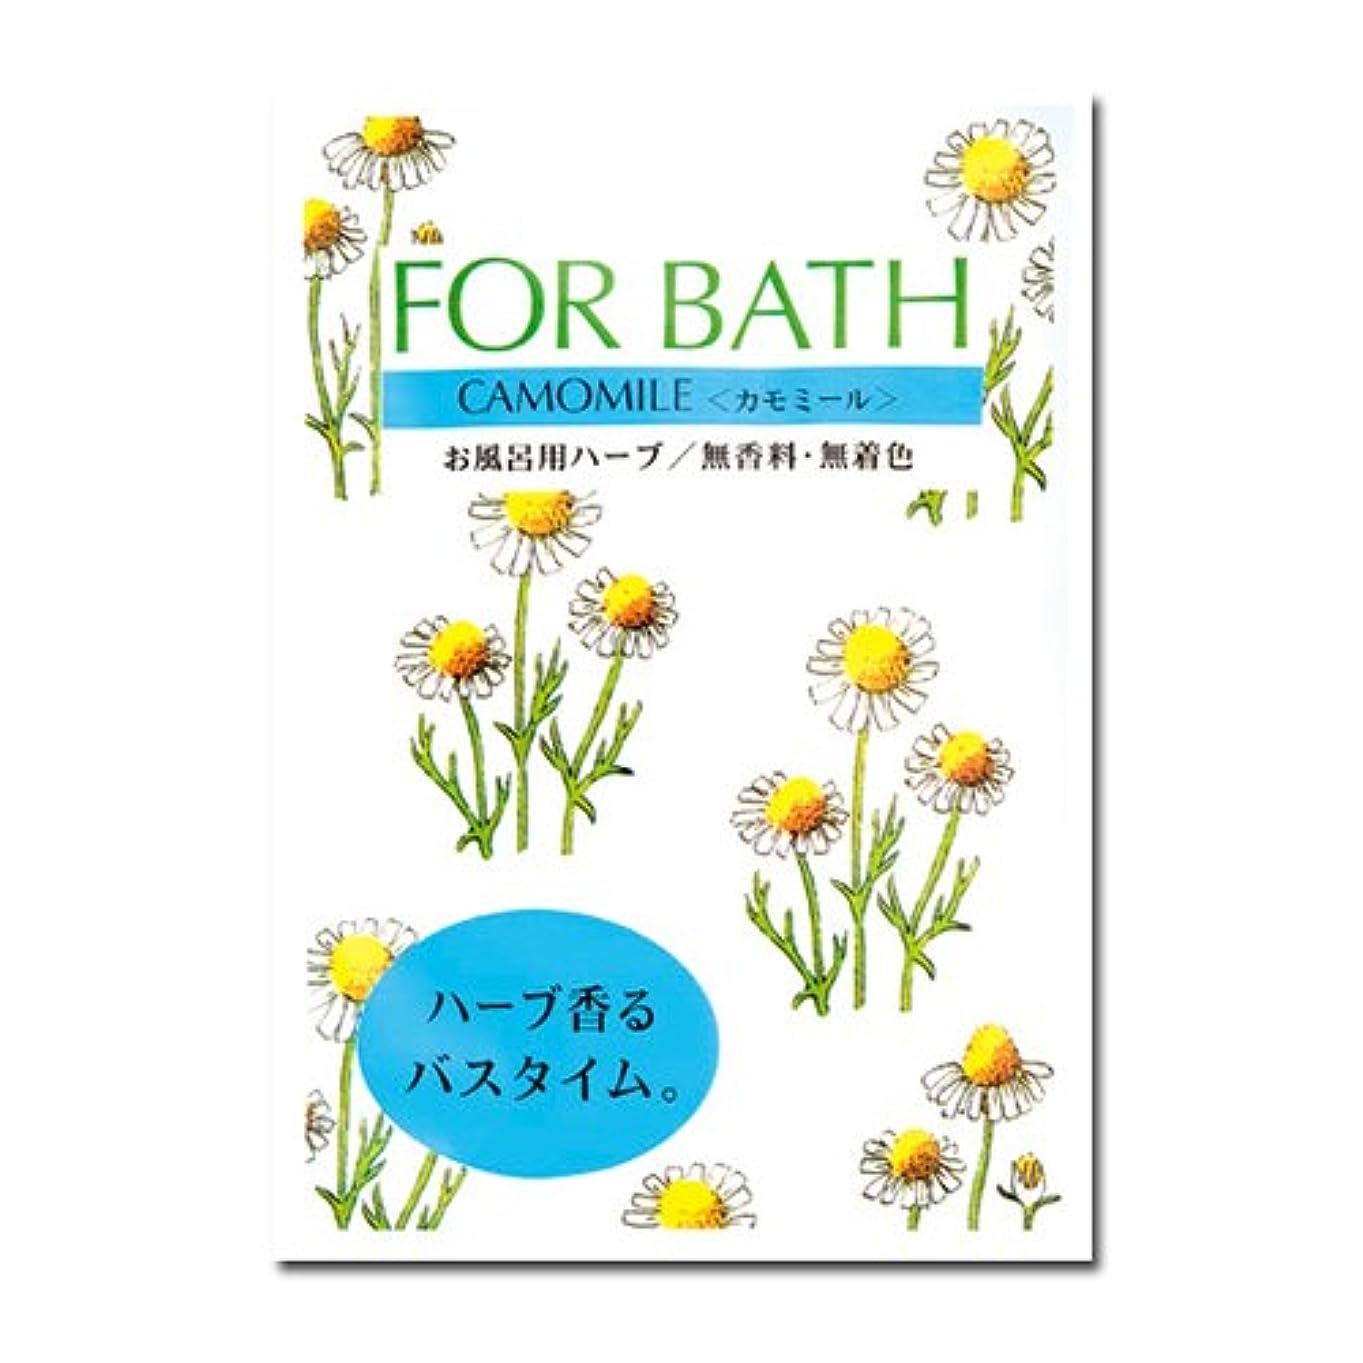 臨検シリアル輝くフォアバス カモミールx30袋[フォアバス/入浴剤/ハーブ]